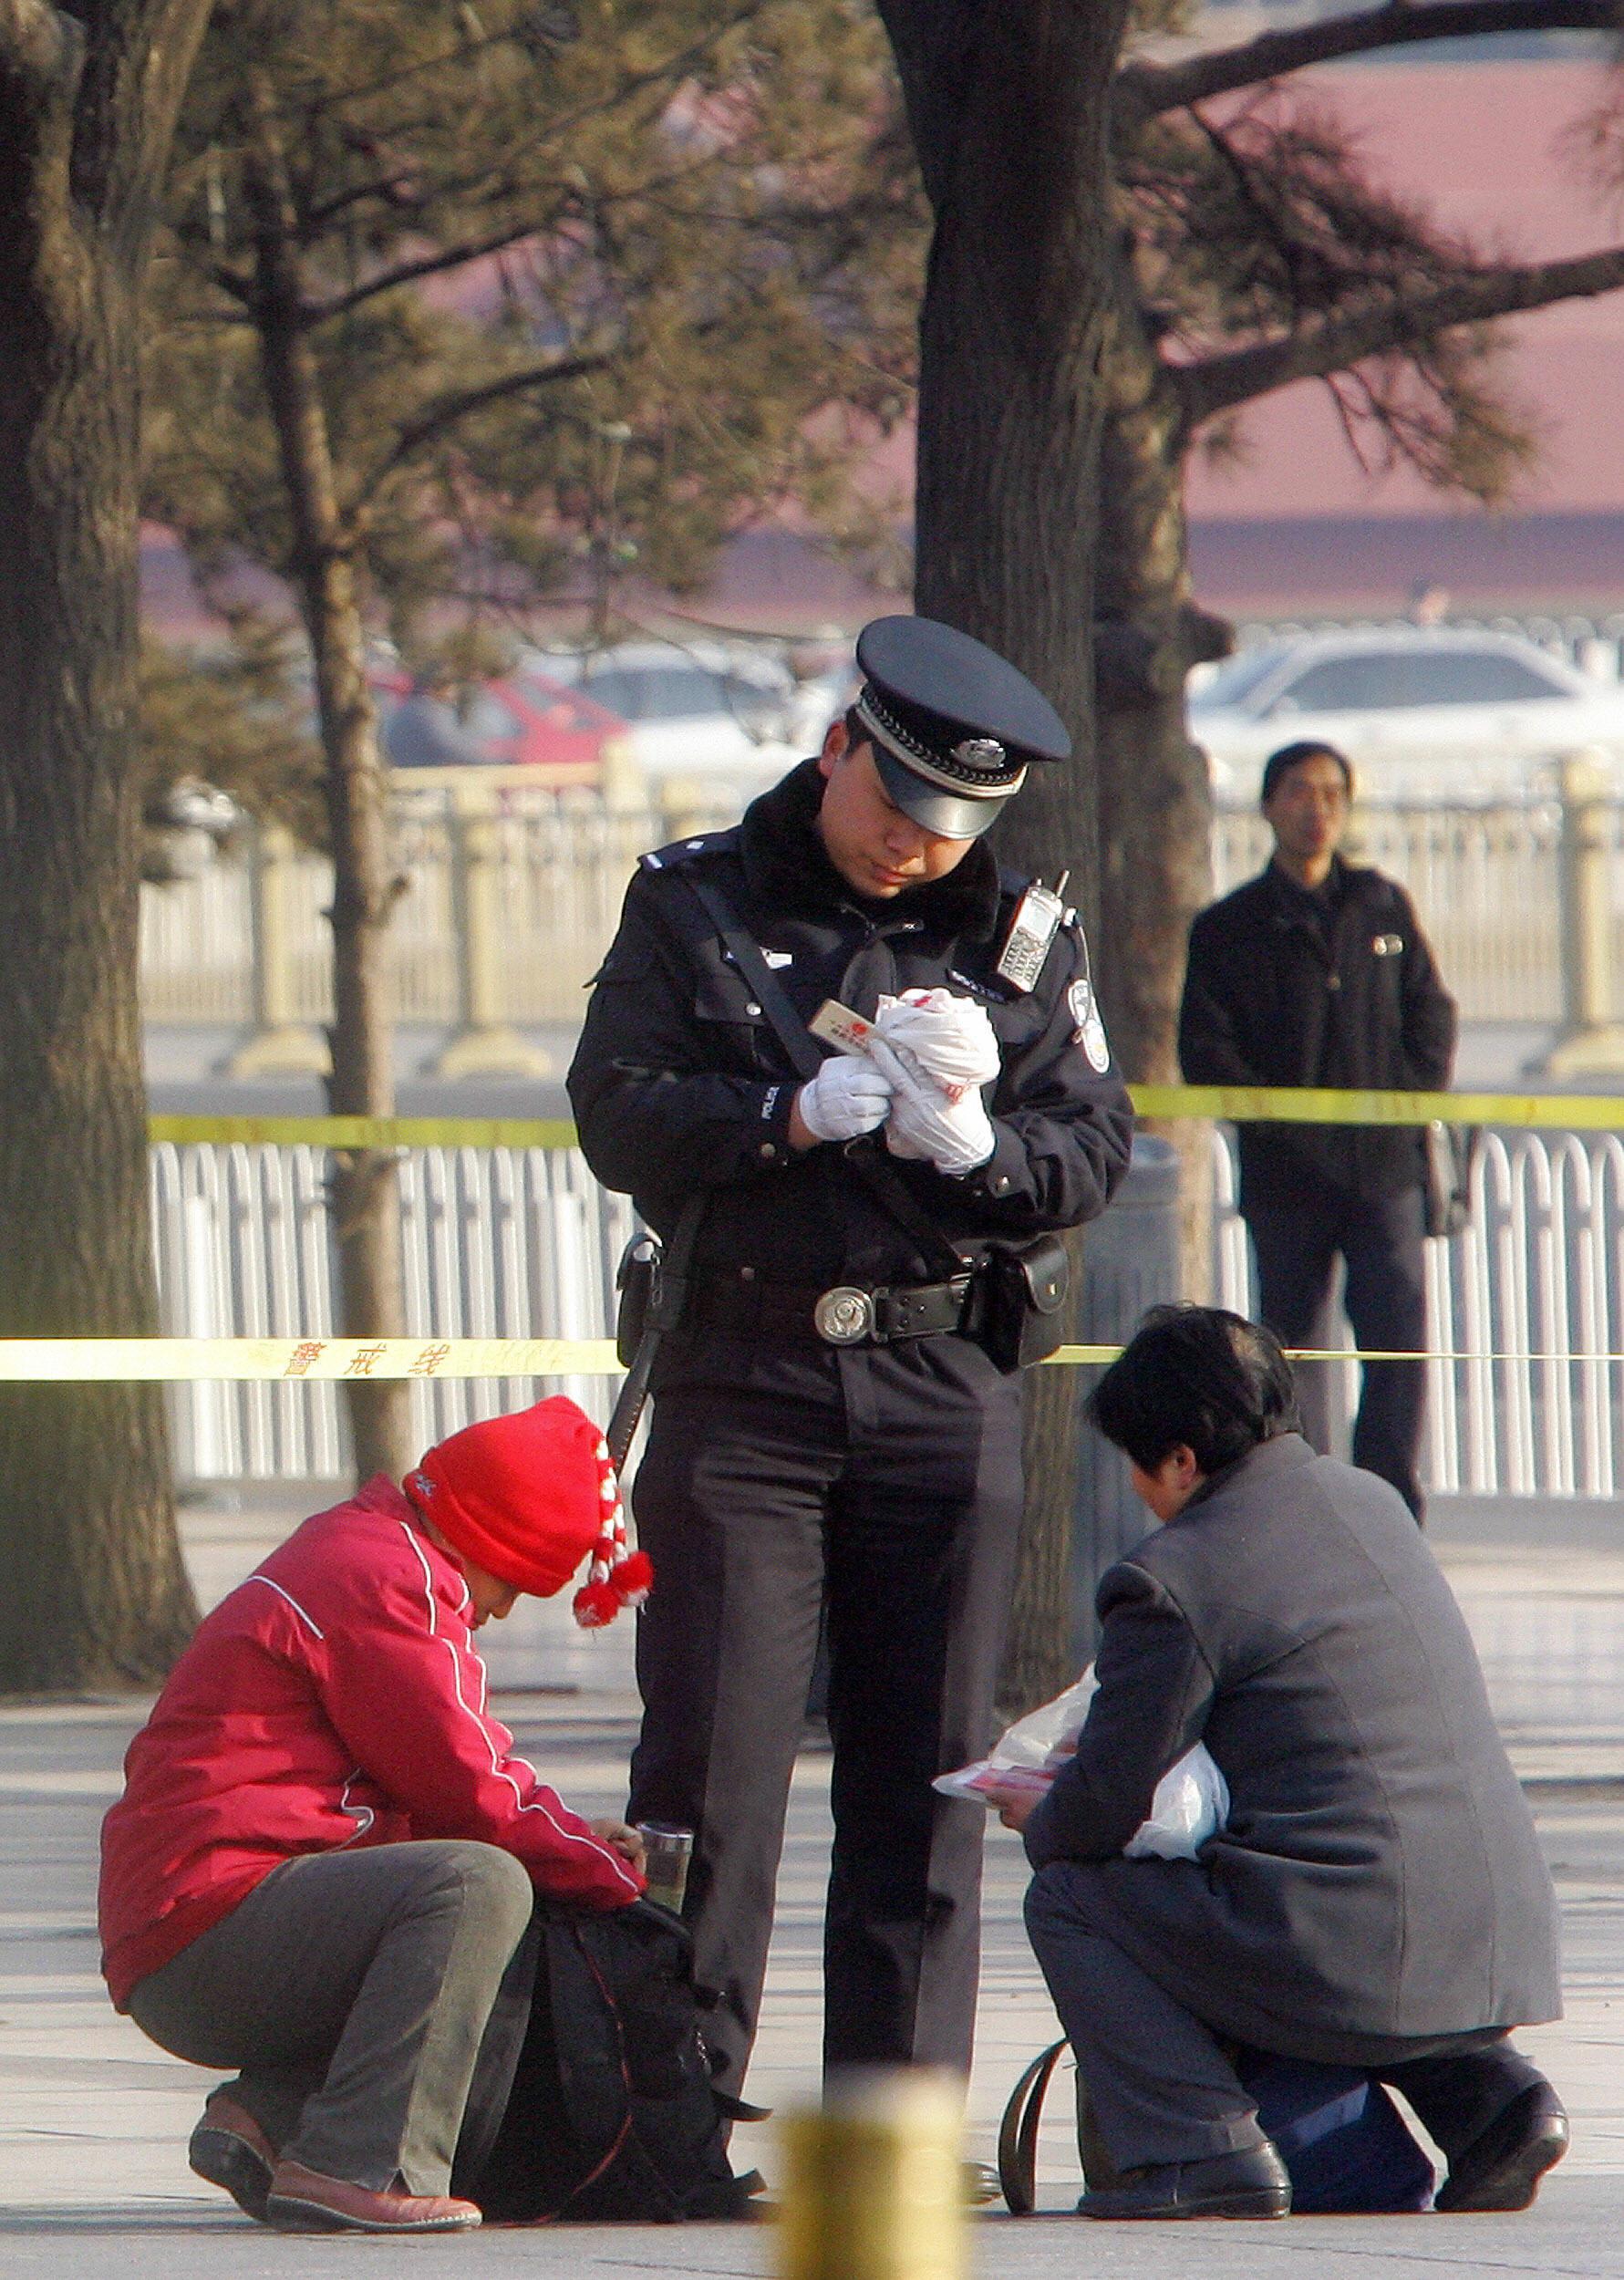 中共警察在北京人民大會堂附近檢查路人的身份證和隨身物品。(AFP/Getty Images)